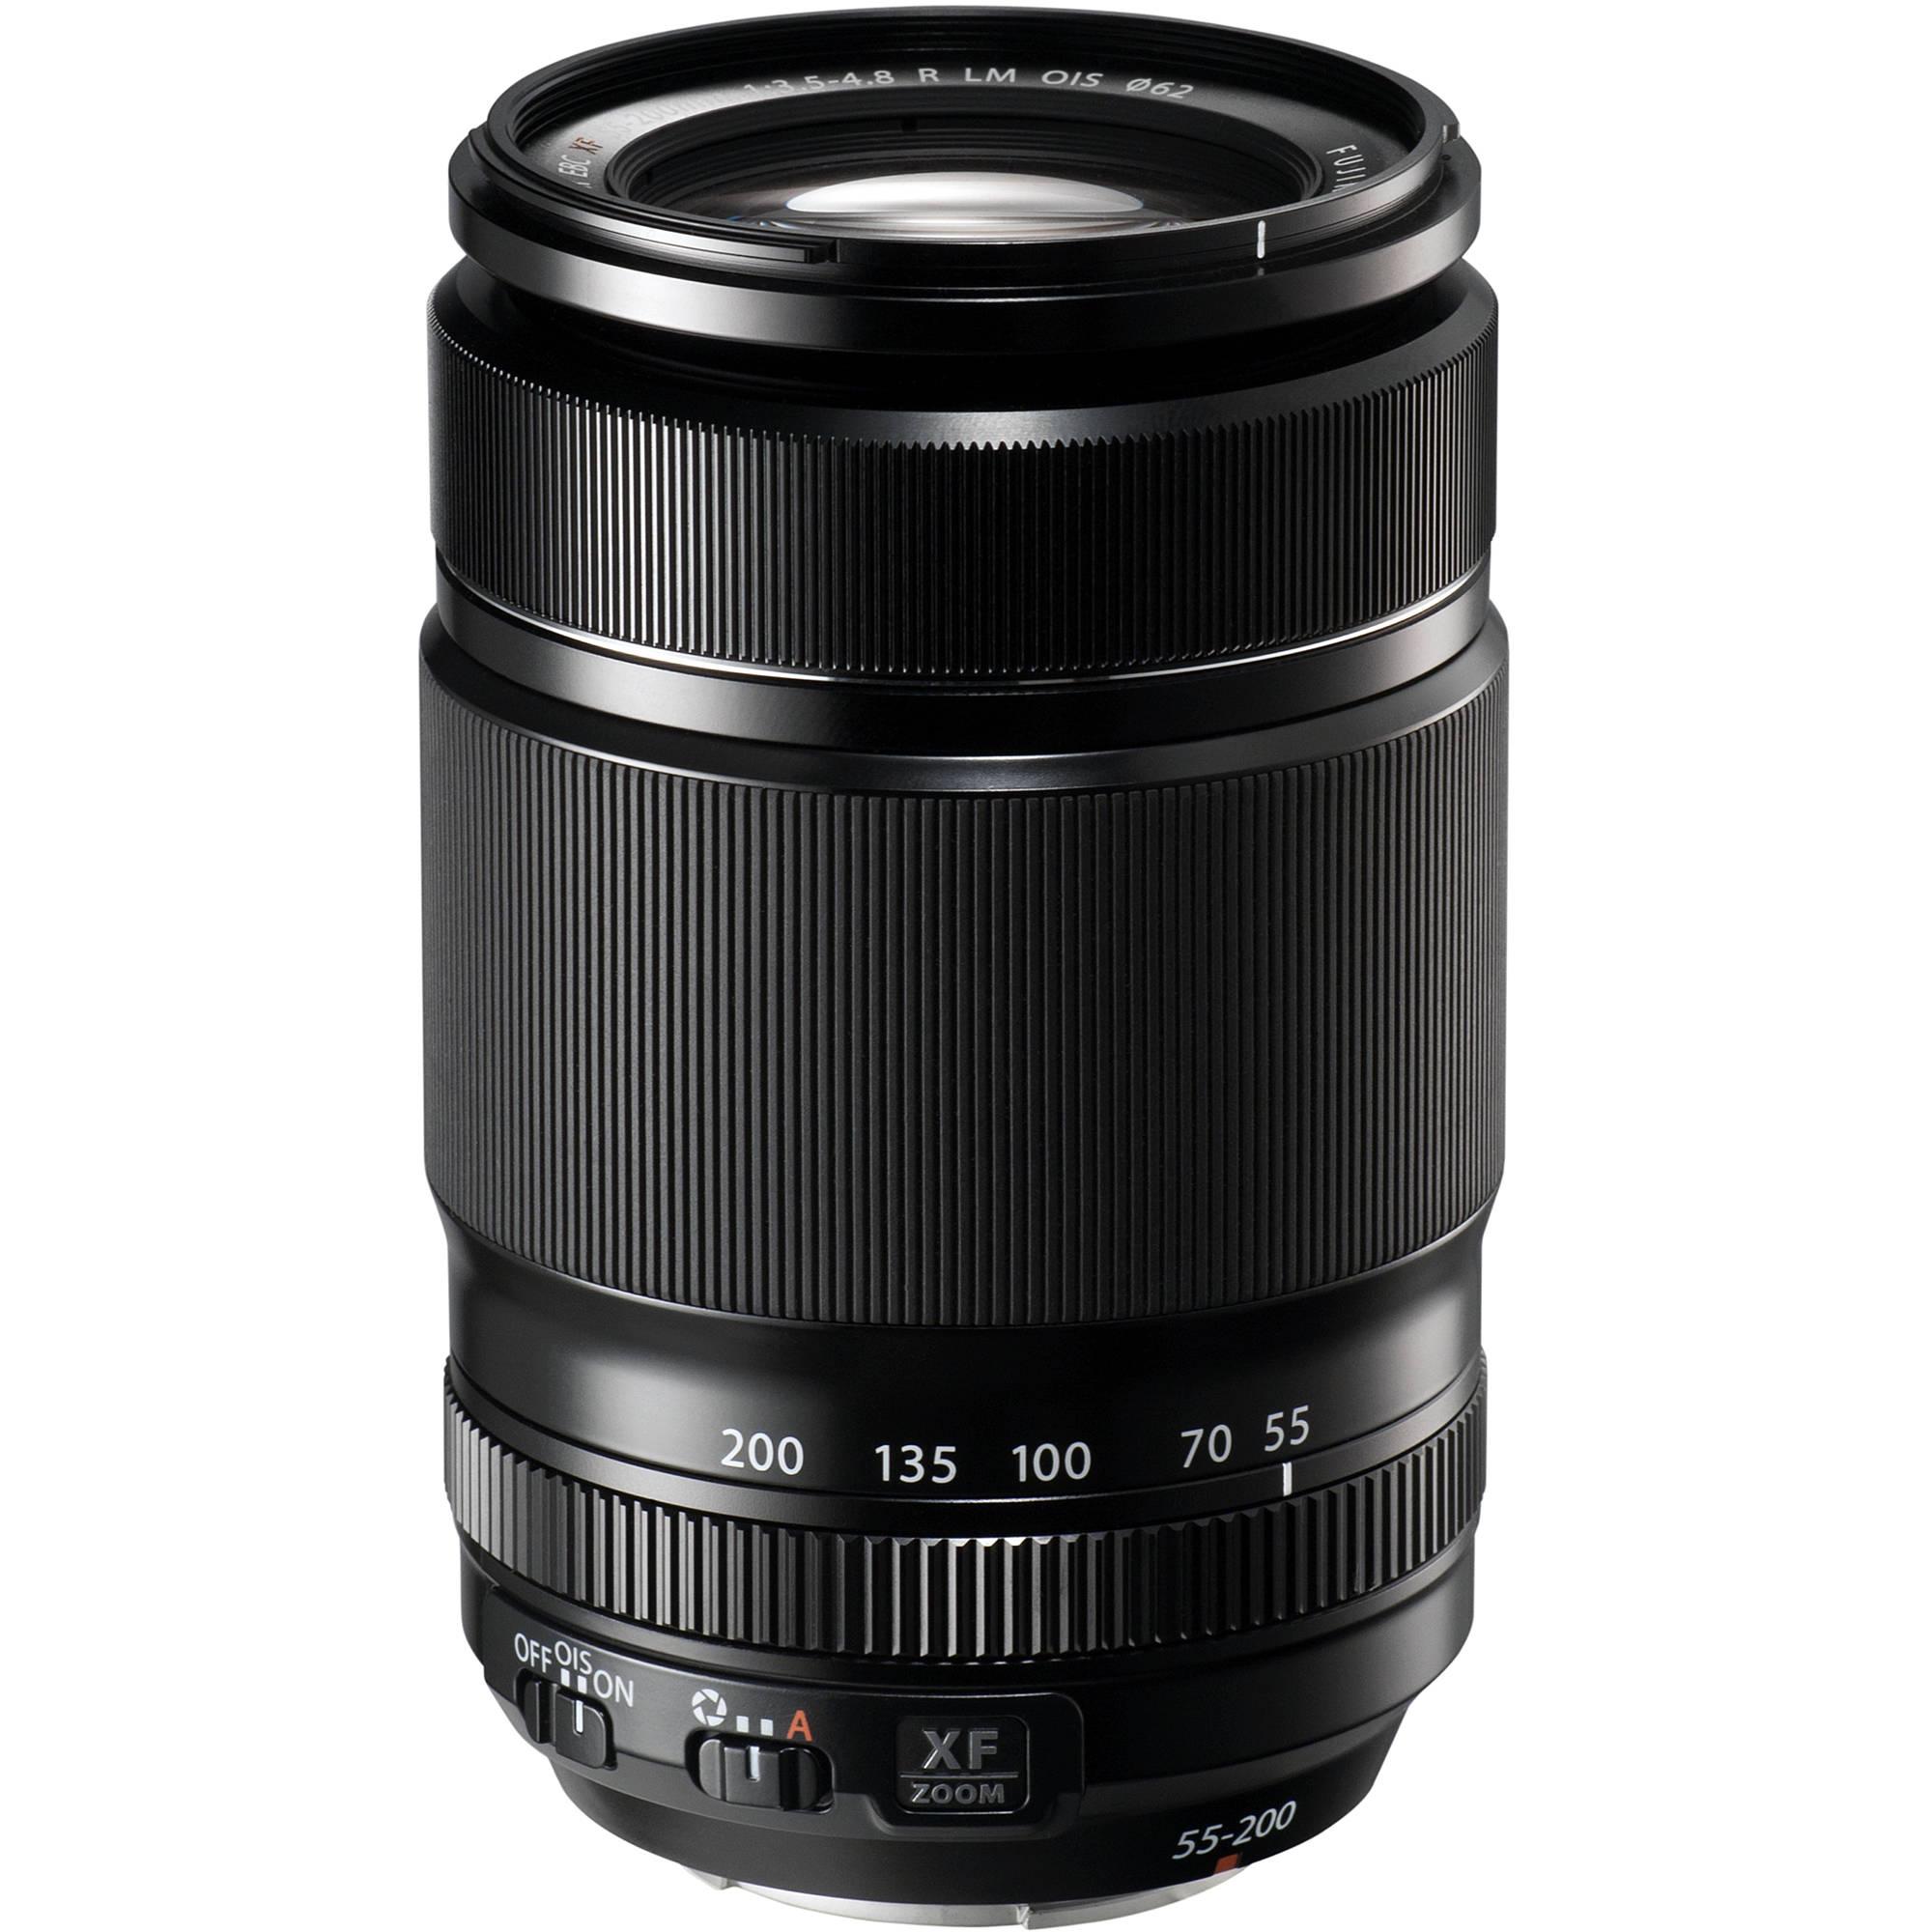 Fujifilm X Series Lenses Bh Photo Video Fujinon Xf 100 400mm F 45 56 R Lm Ois Wr 55 200mm 35 48 Lens